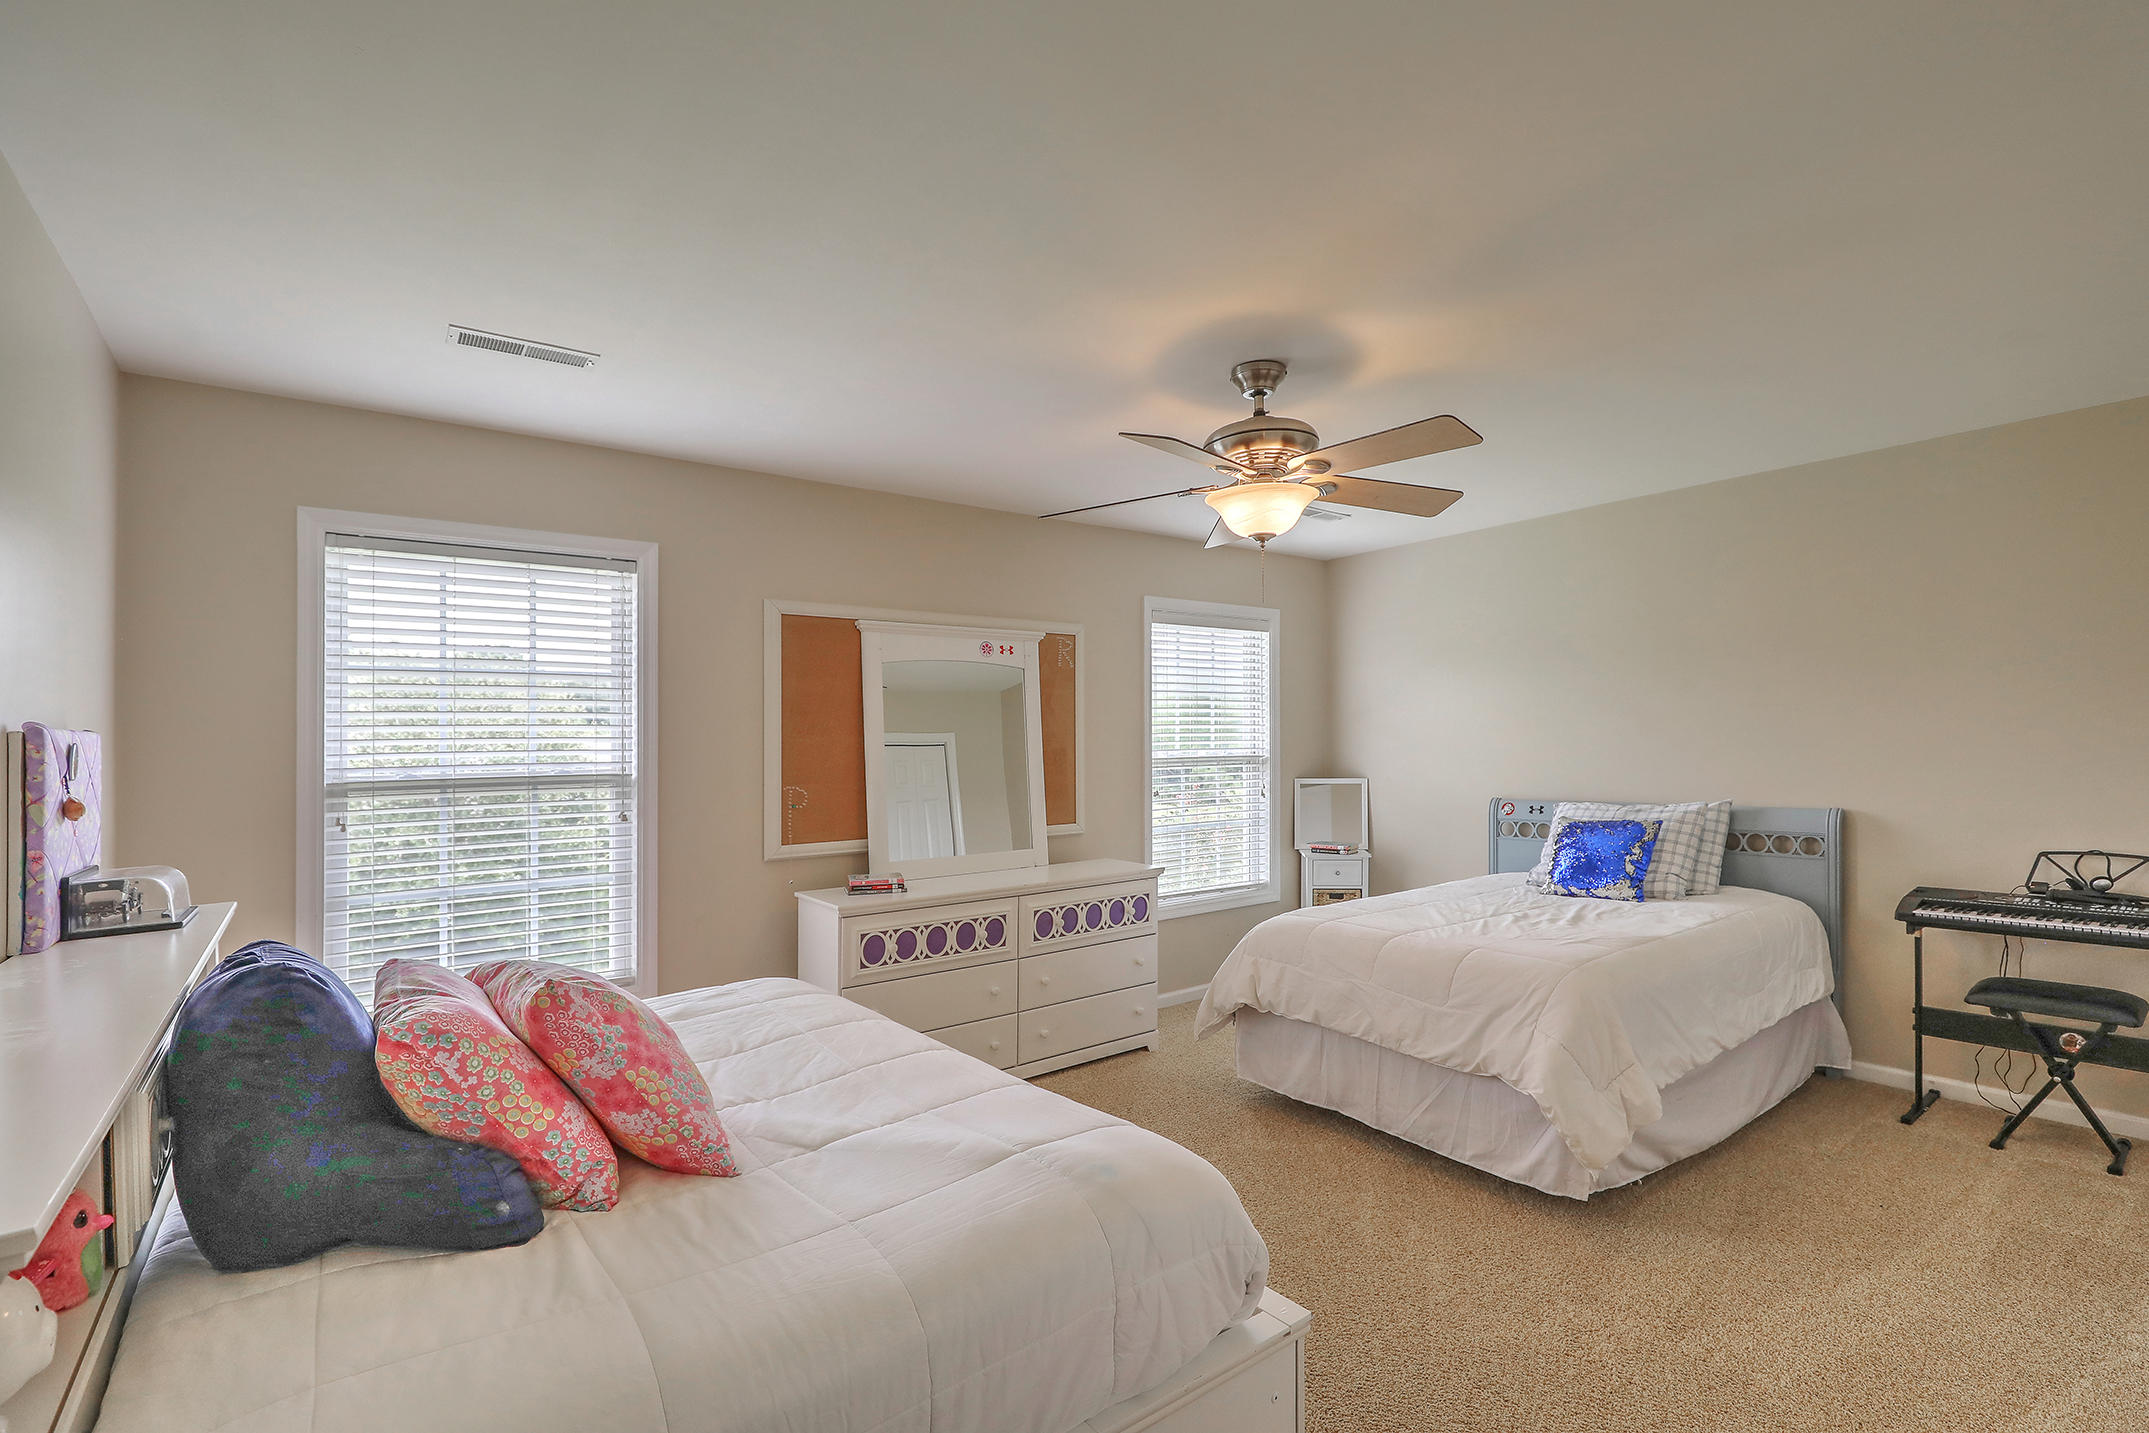 Park West Homes For Sale - 1676 Jorrington, Mount Pleasant, SC - 20